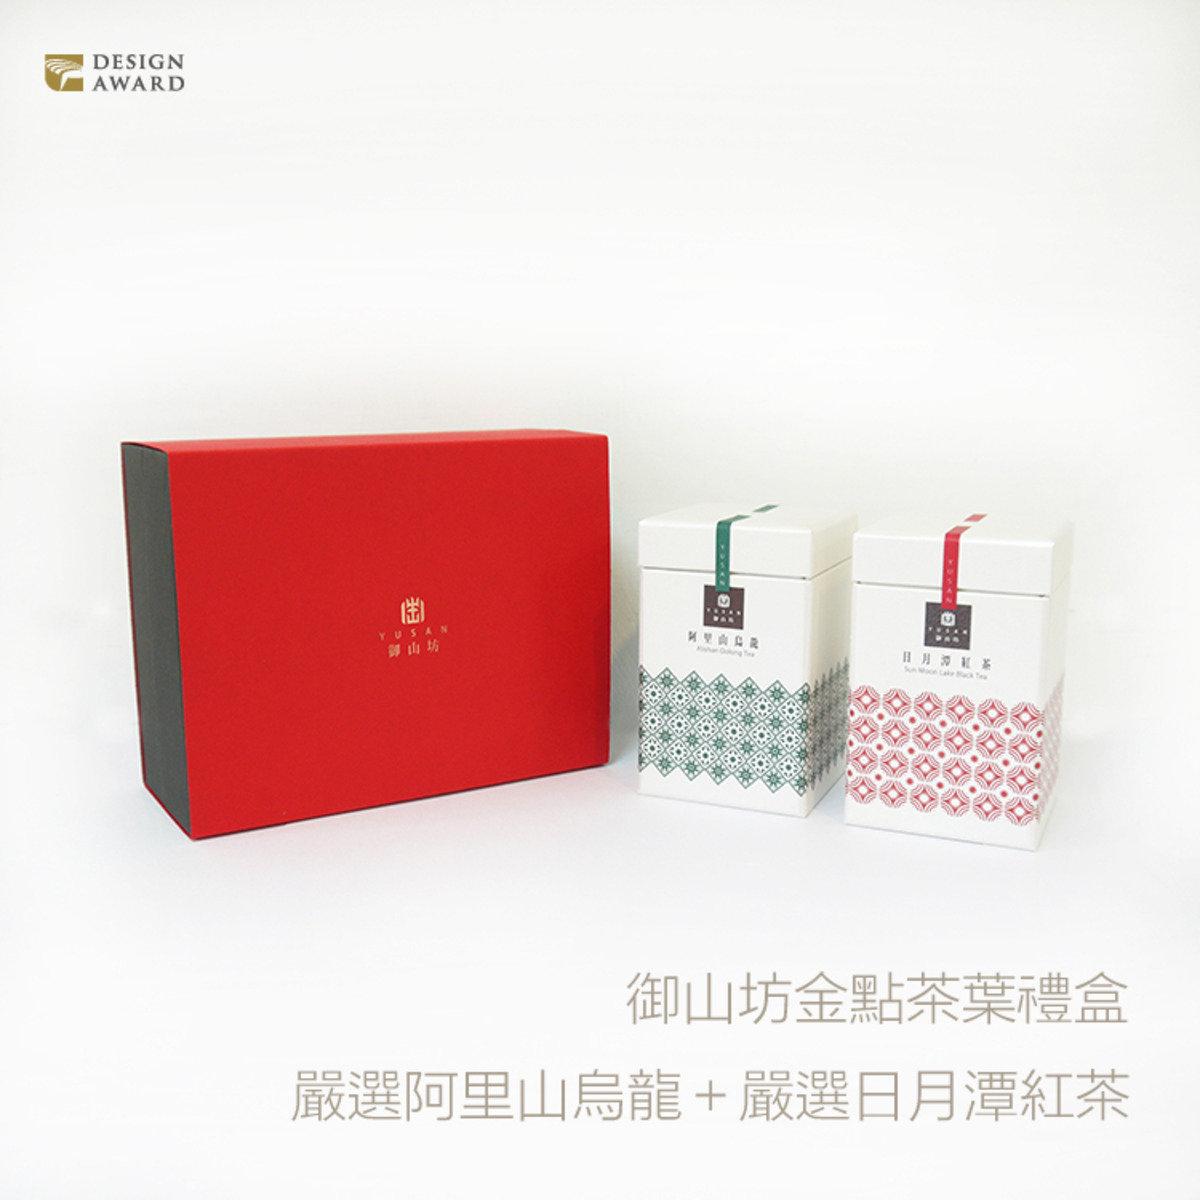 御山坊 『御品』阿里山烏龍 VS 日月潭紅茶 典藏禮盒 (2入/盒)